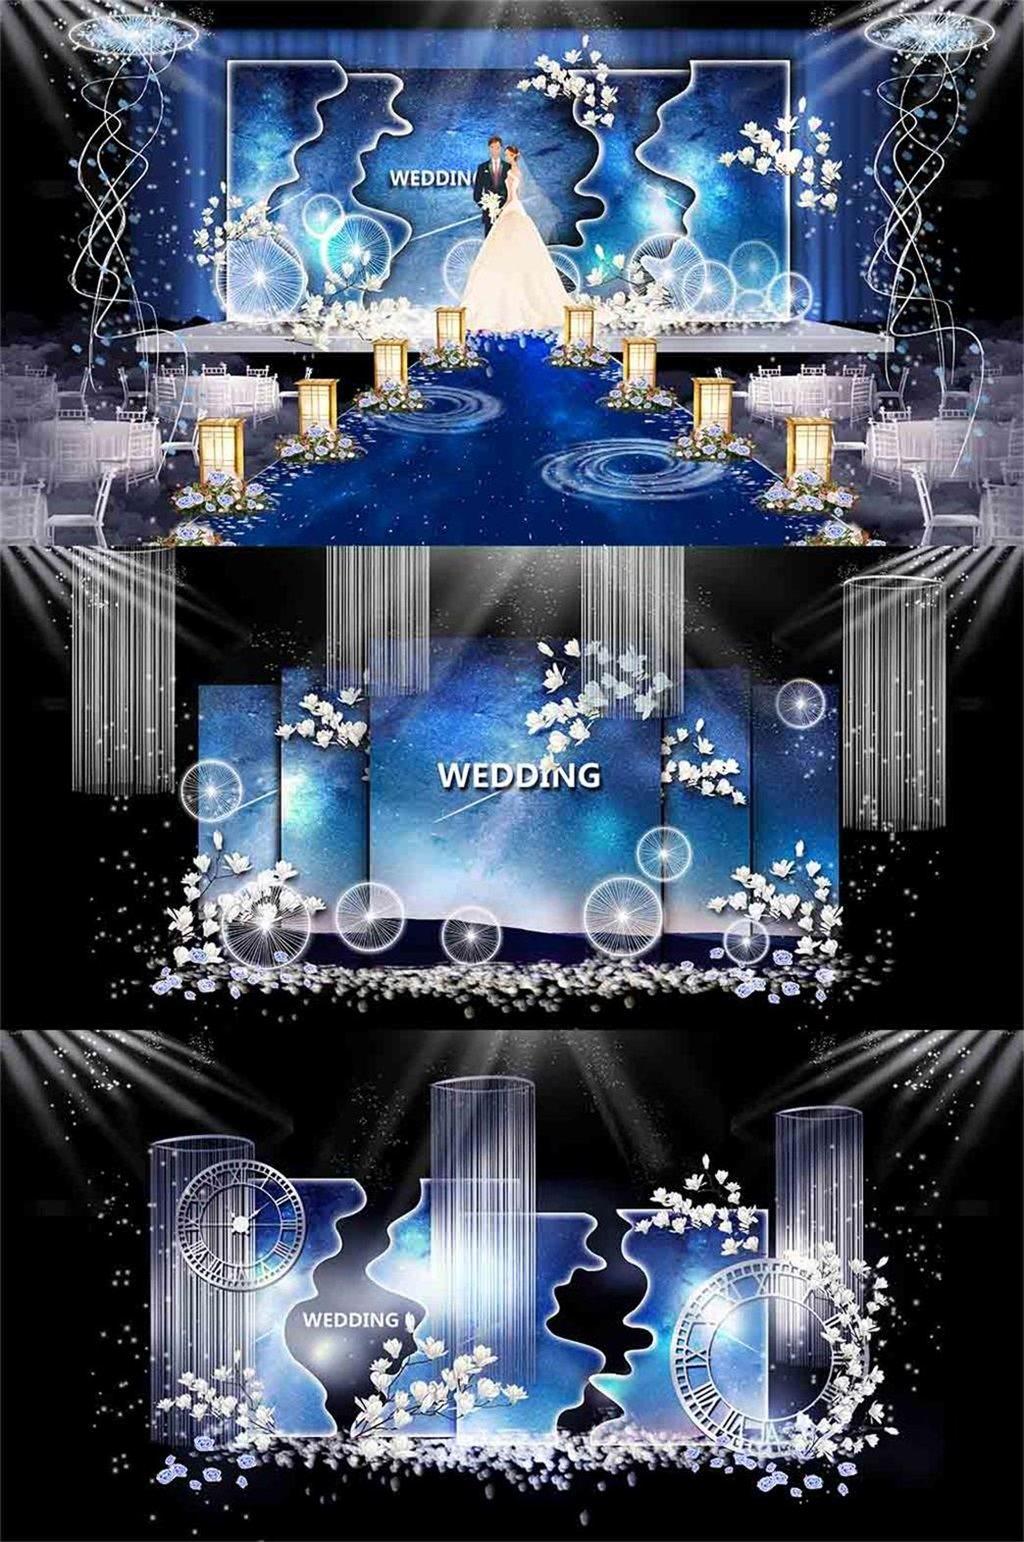 婚礼背景布置蓝色_轻奢蓝色星空婚礼布置效果图-展板素材下载-众图网